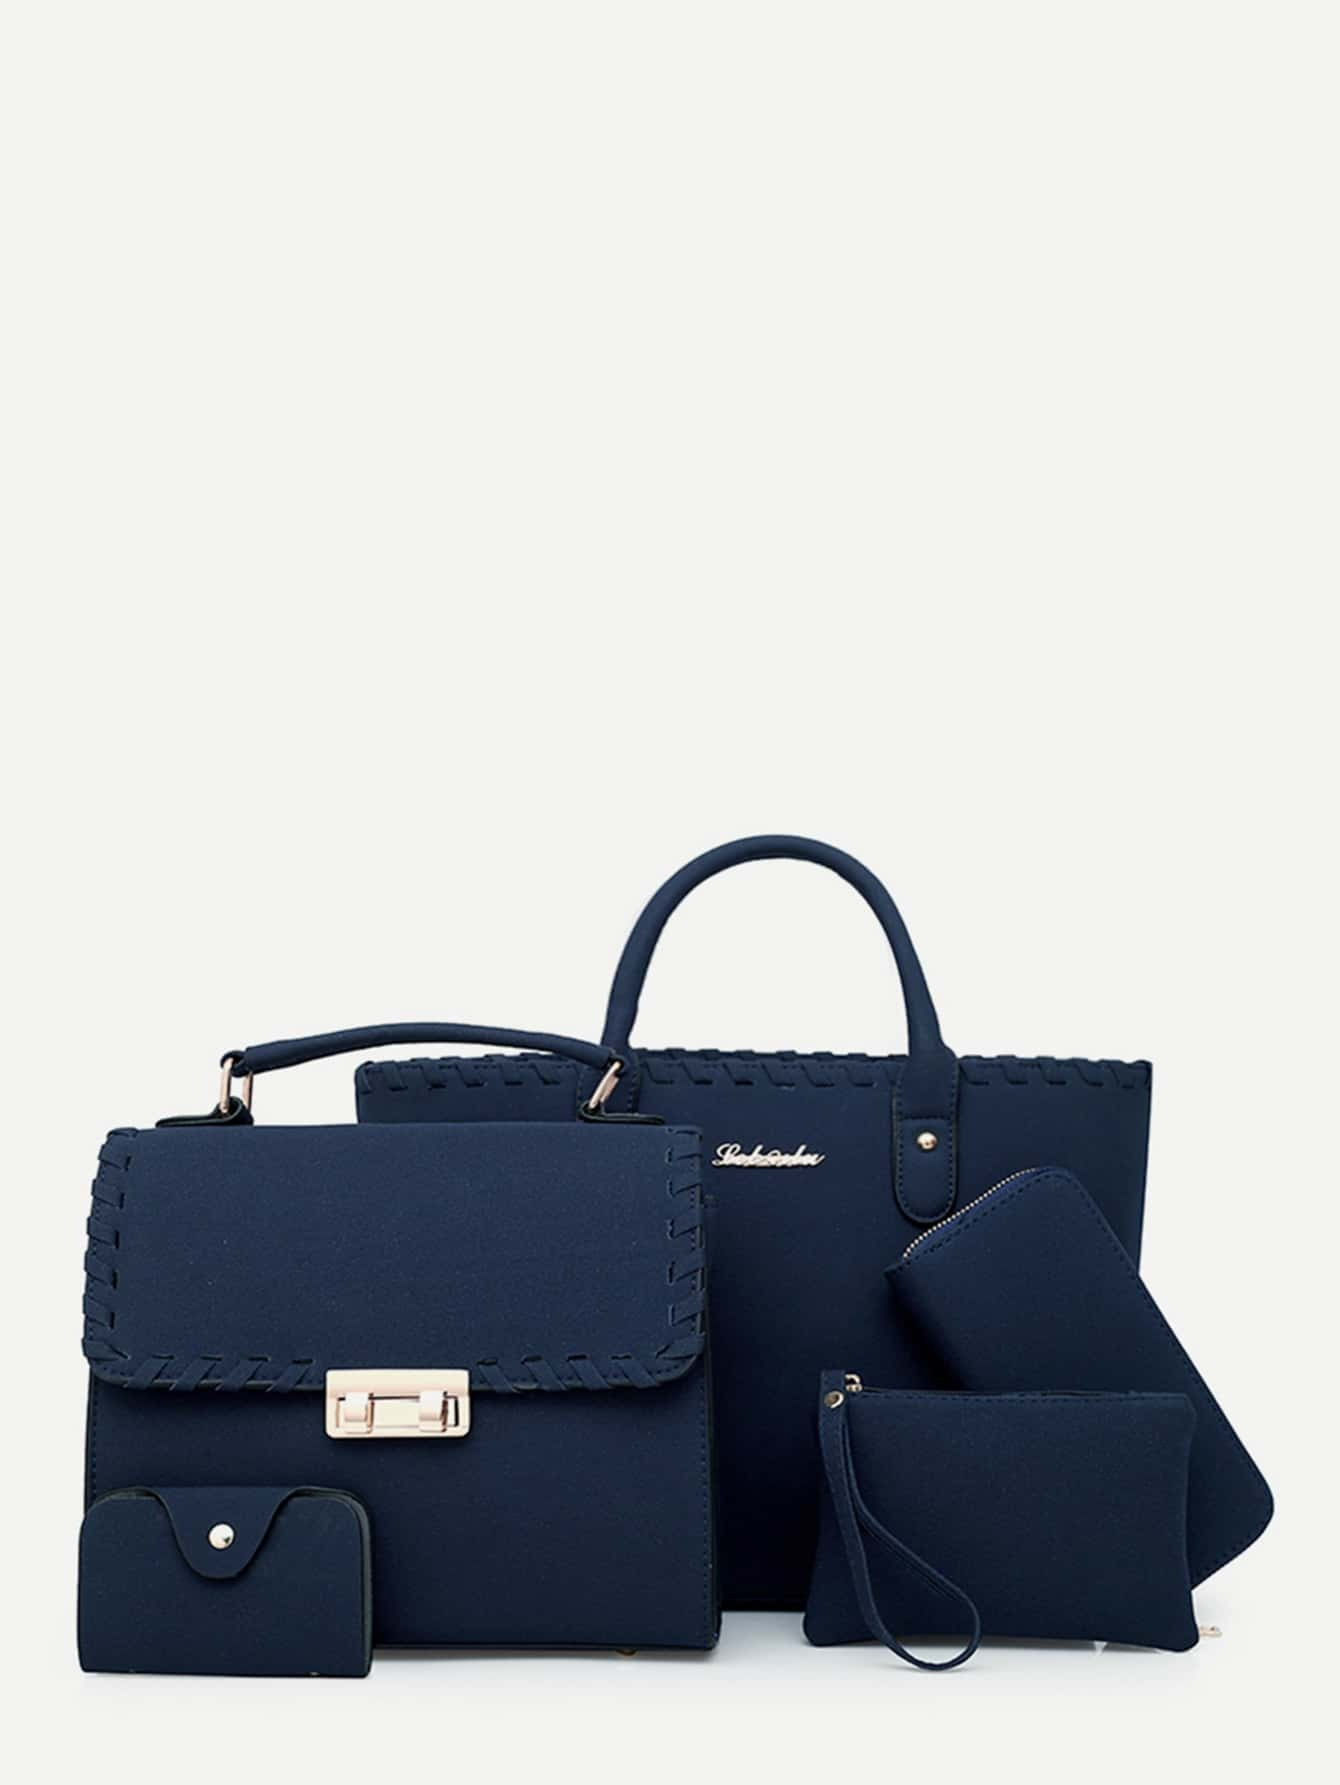 Braided Trim Detail Bag Set 5Pcs